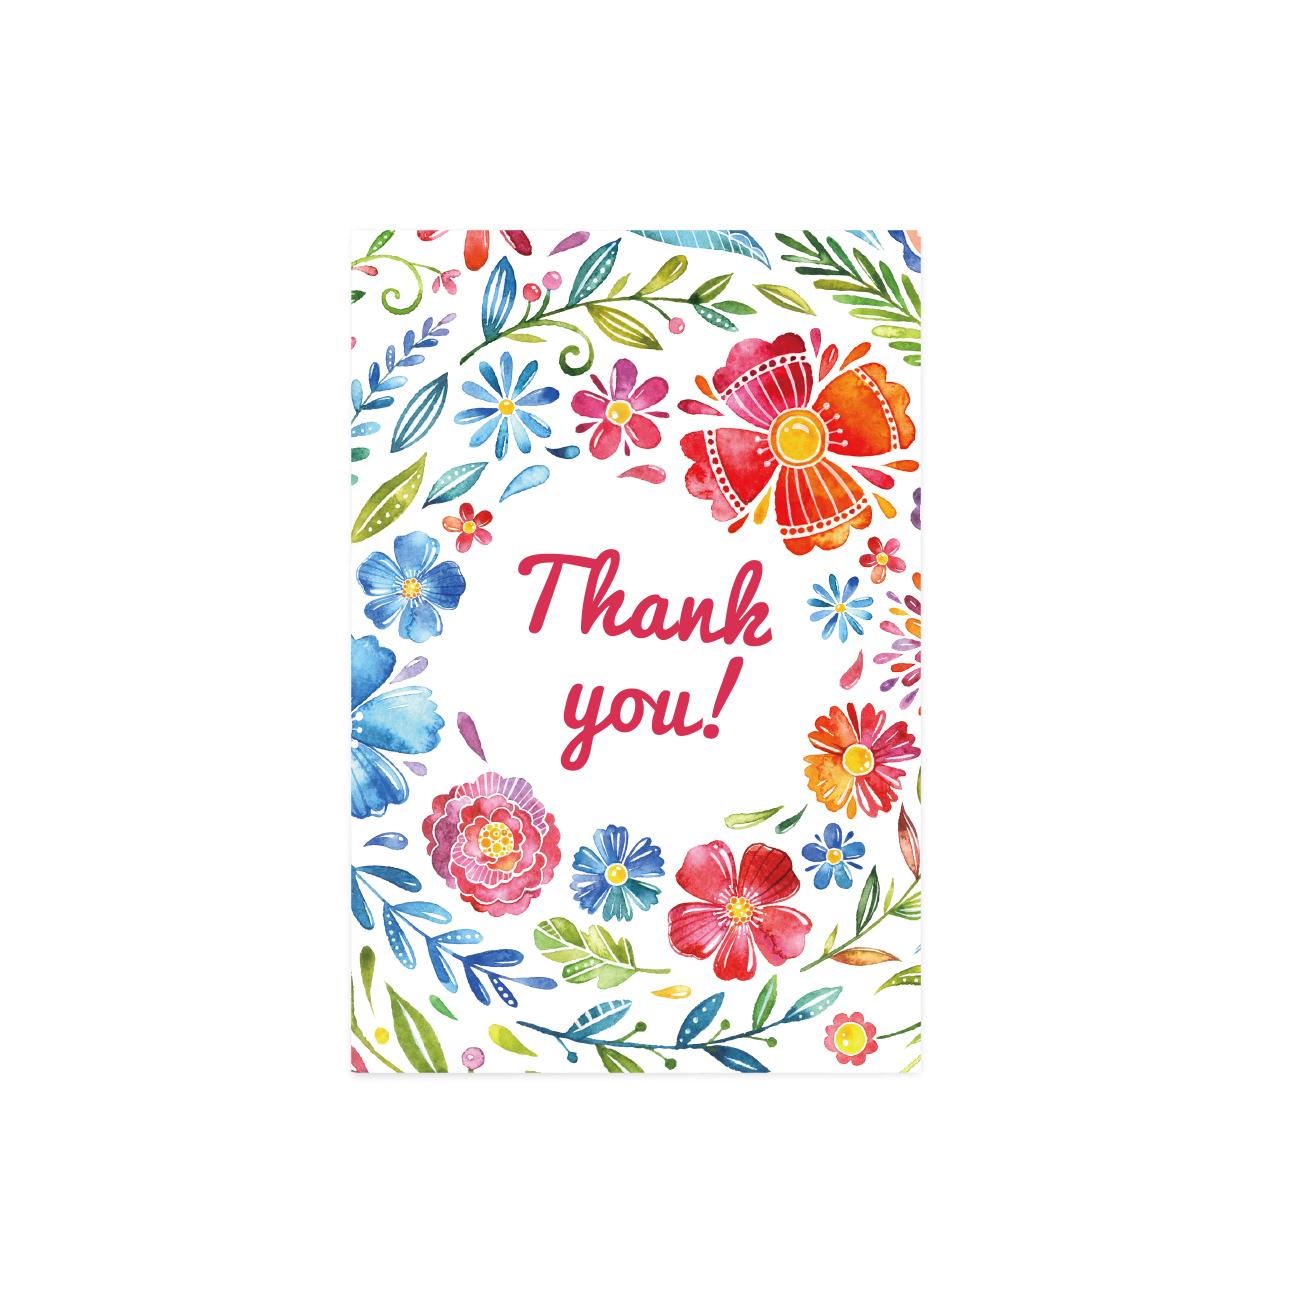 グリーティングカード | THANK YOU FLOWER